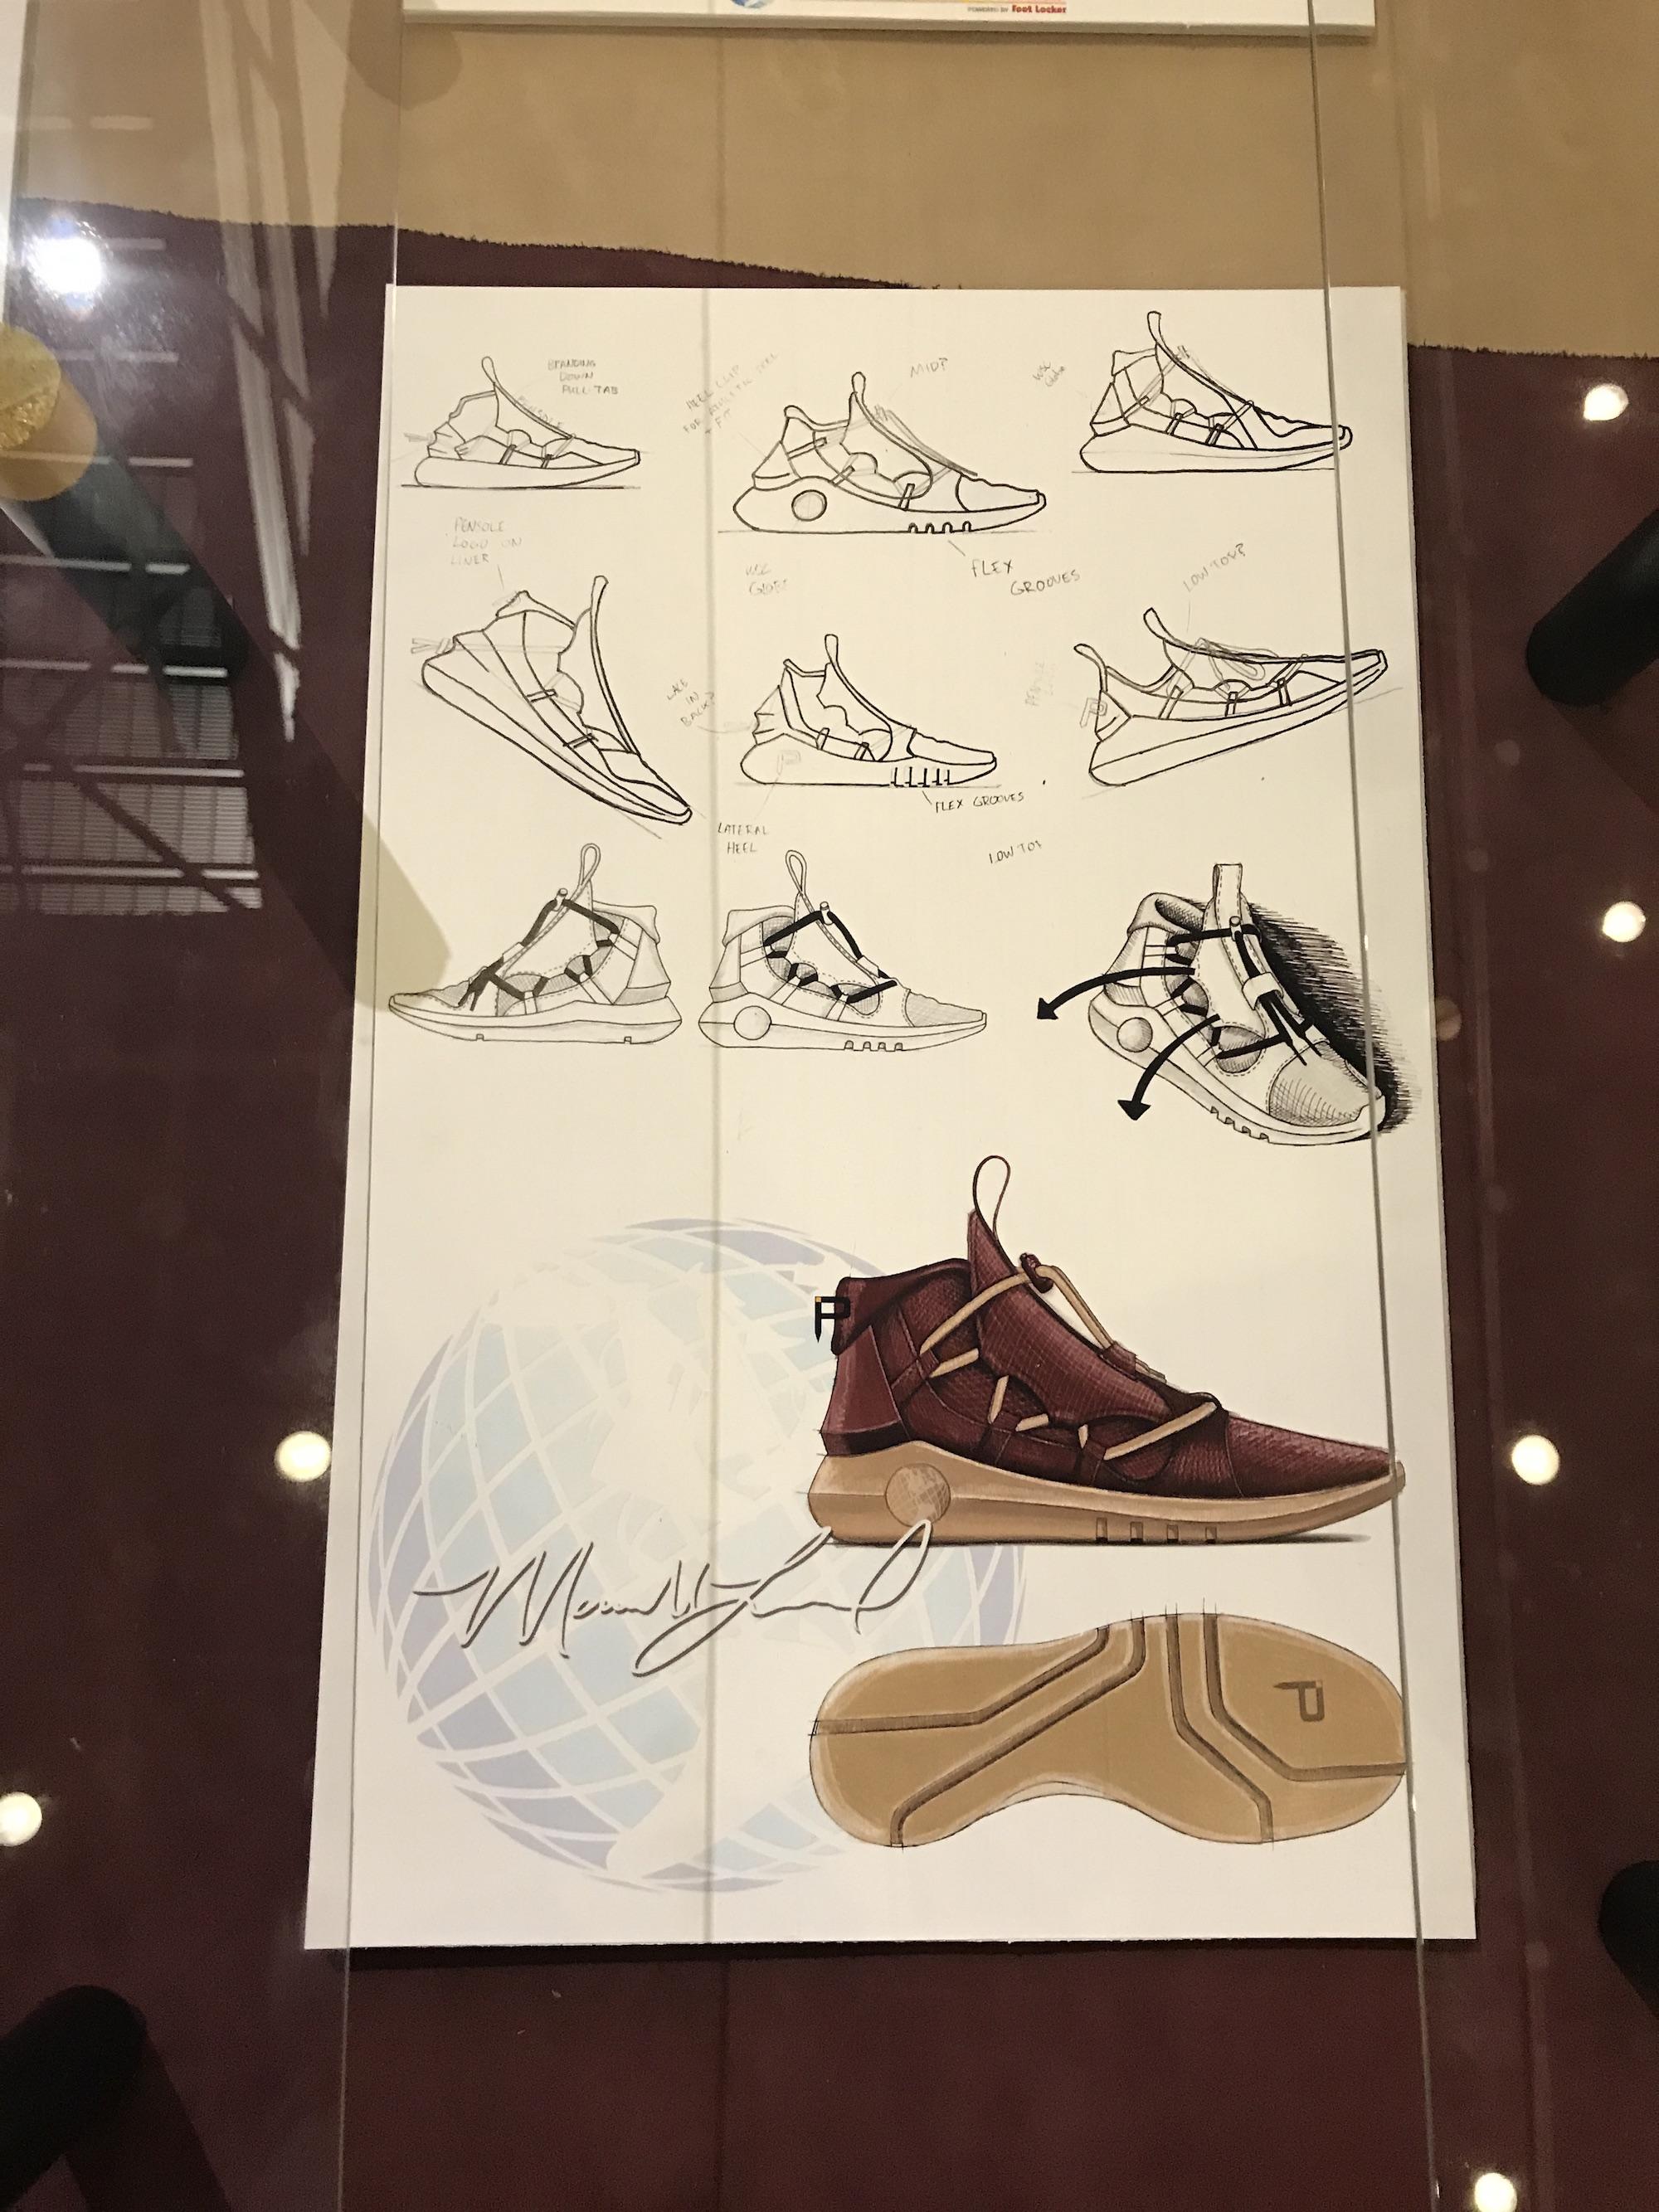 71fc3e727a843 PENSOLE World Sneaker Championship maxwell lund 32 - WearTesters